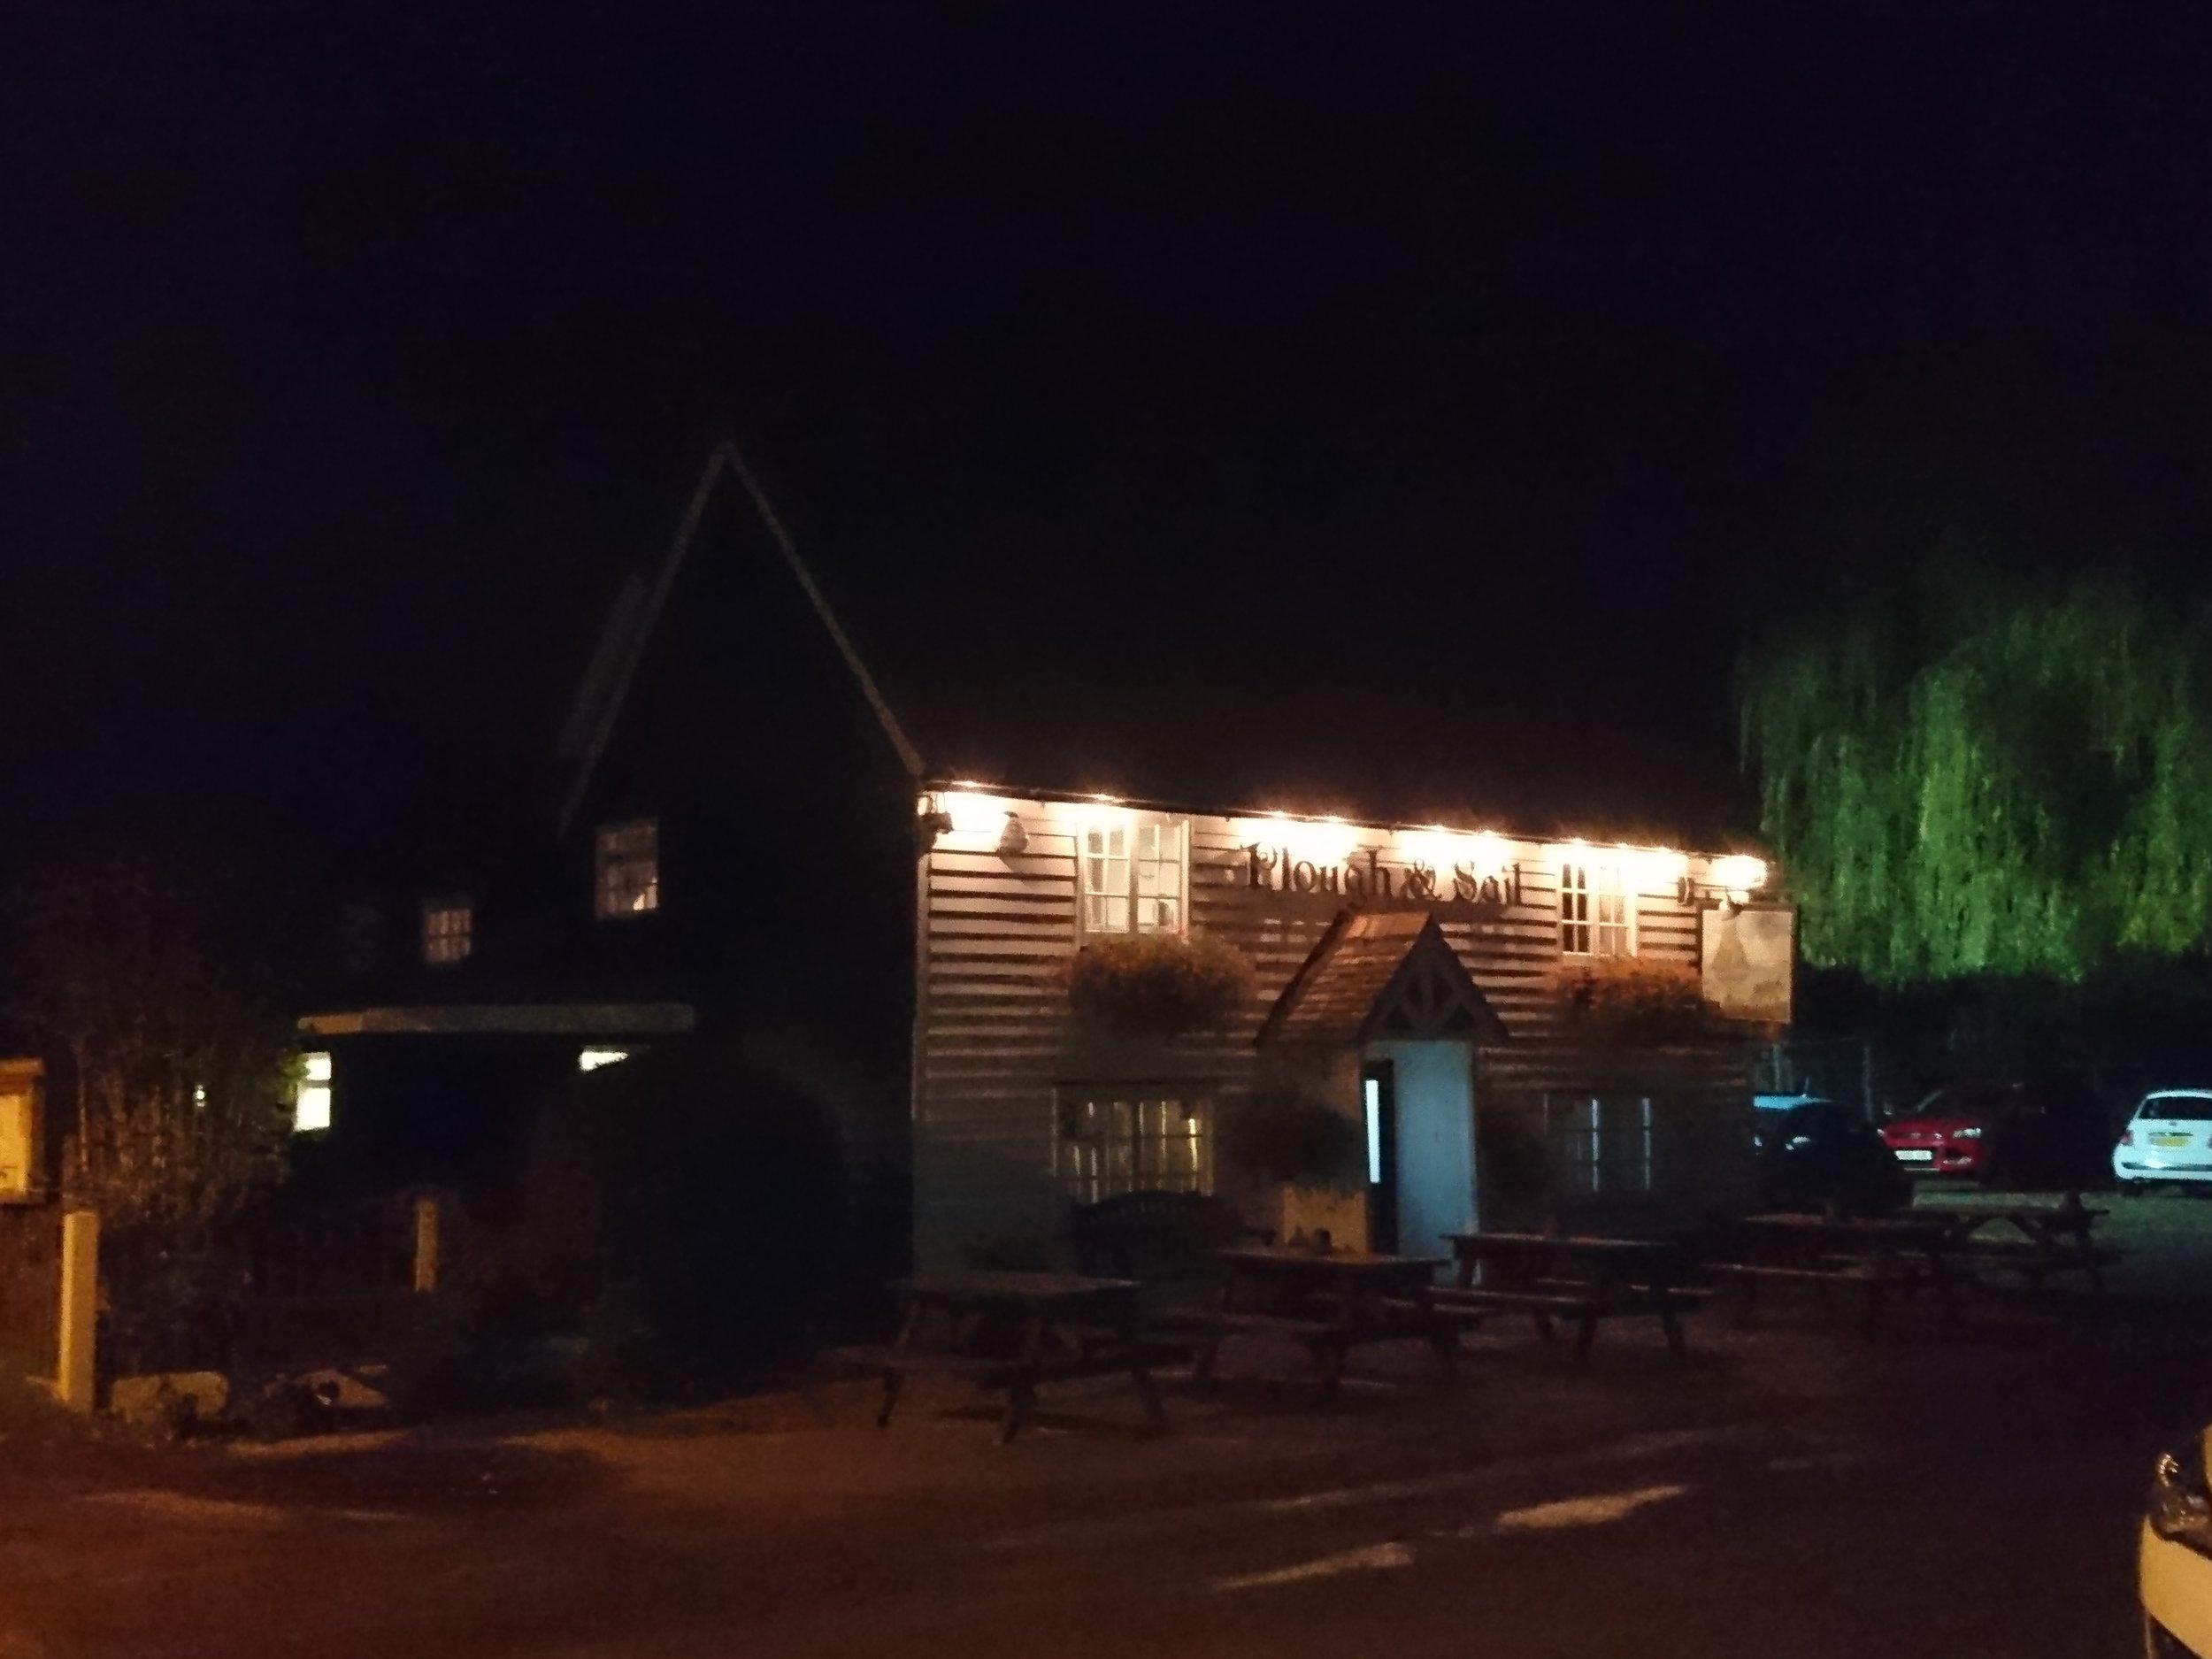 The Plough & Sail Pub